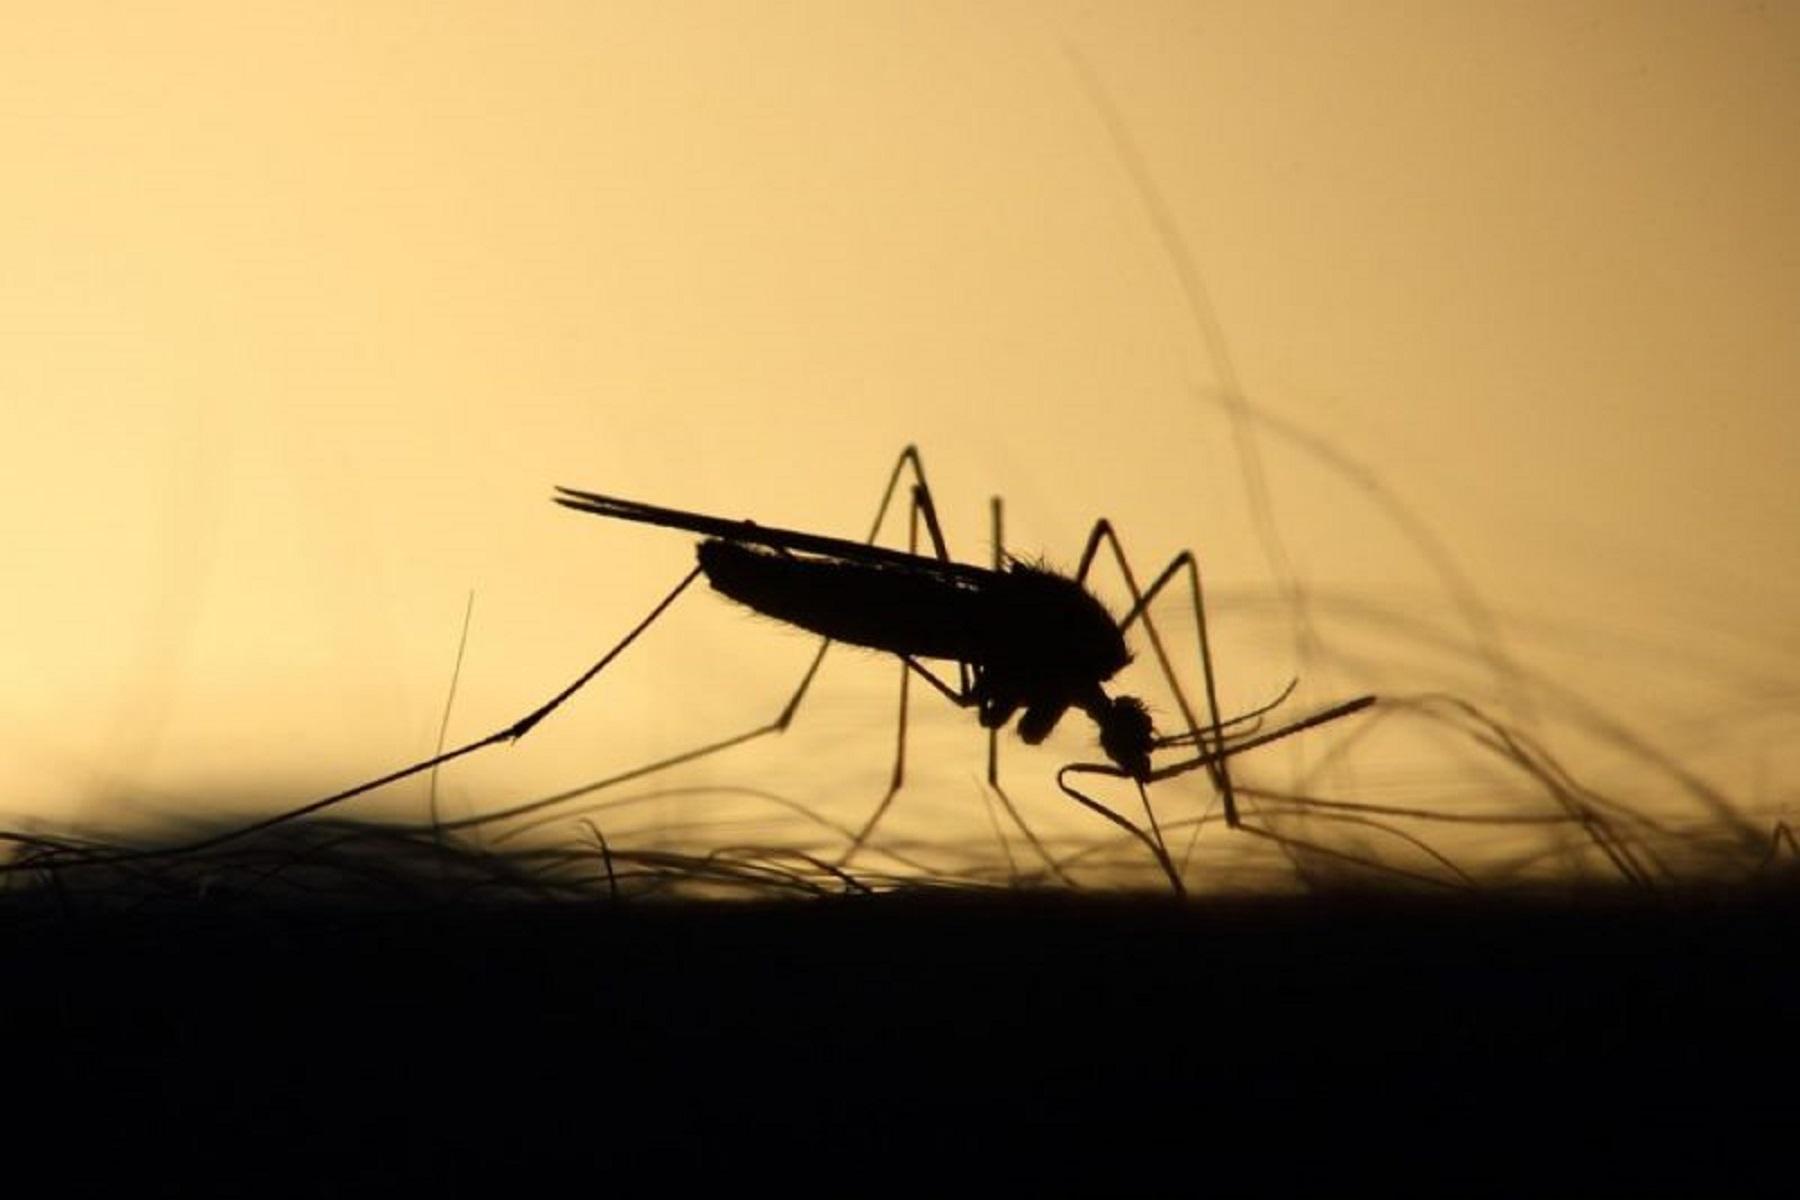 Εφεύρεση Έντομα: Συσκευή αναρρόφησης κουνουπιών για προστασία από μεταδοτικά νοσήματα